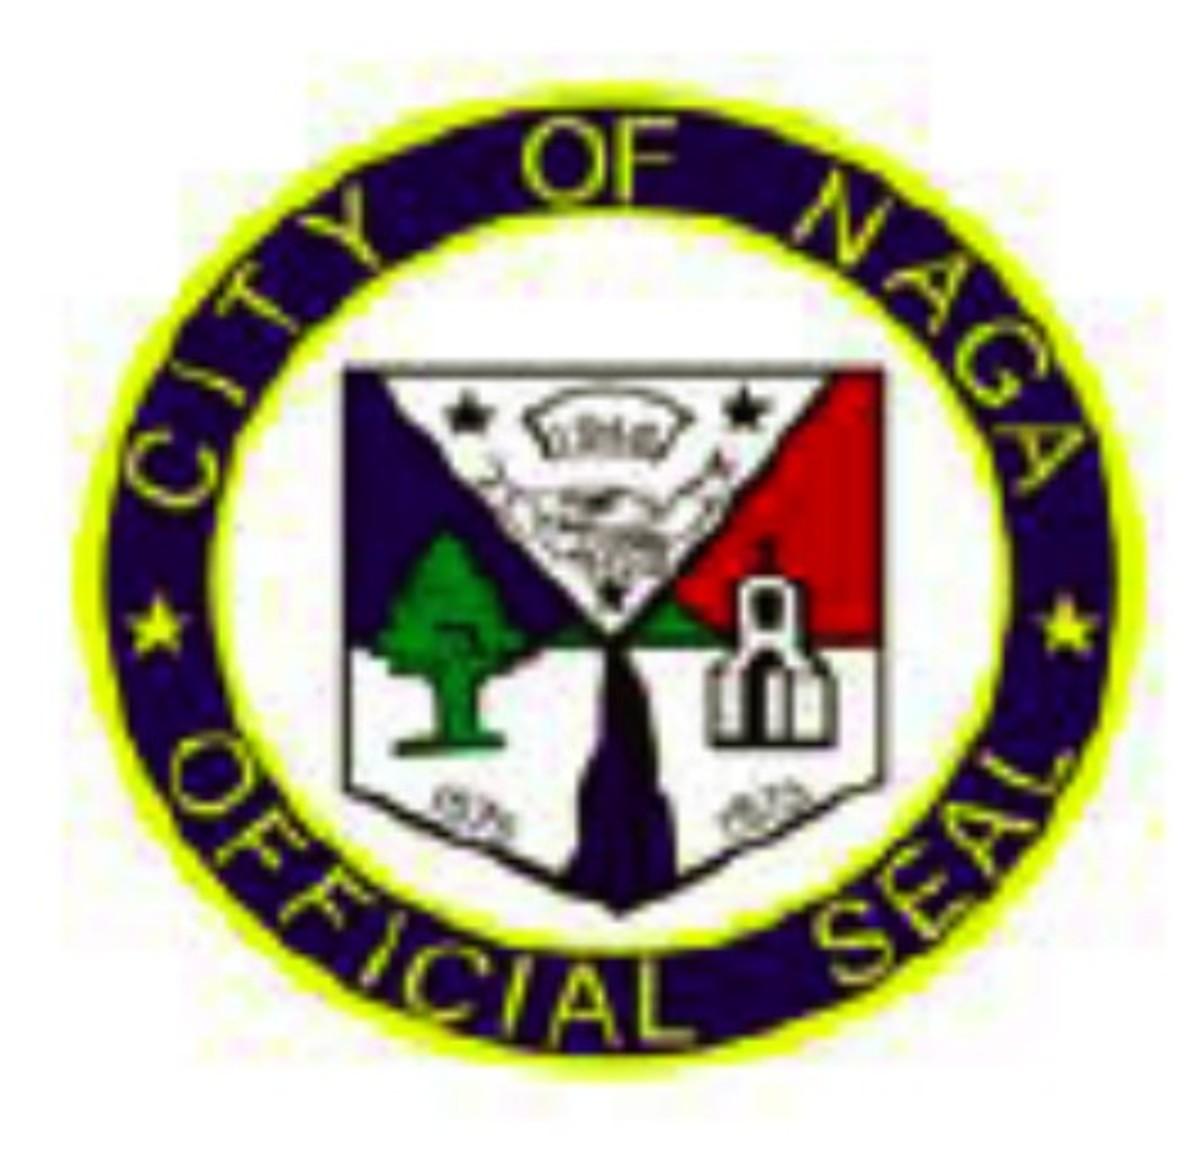 Ph Seal of Naga City